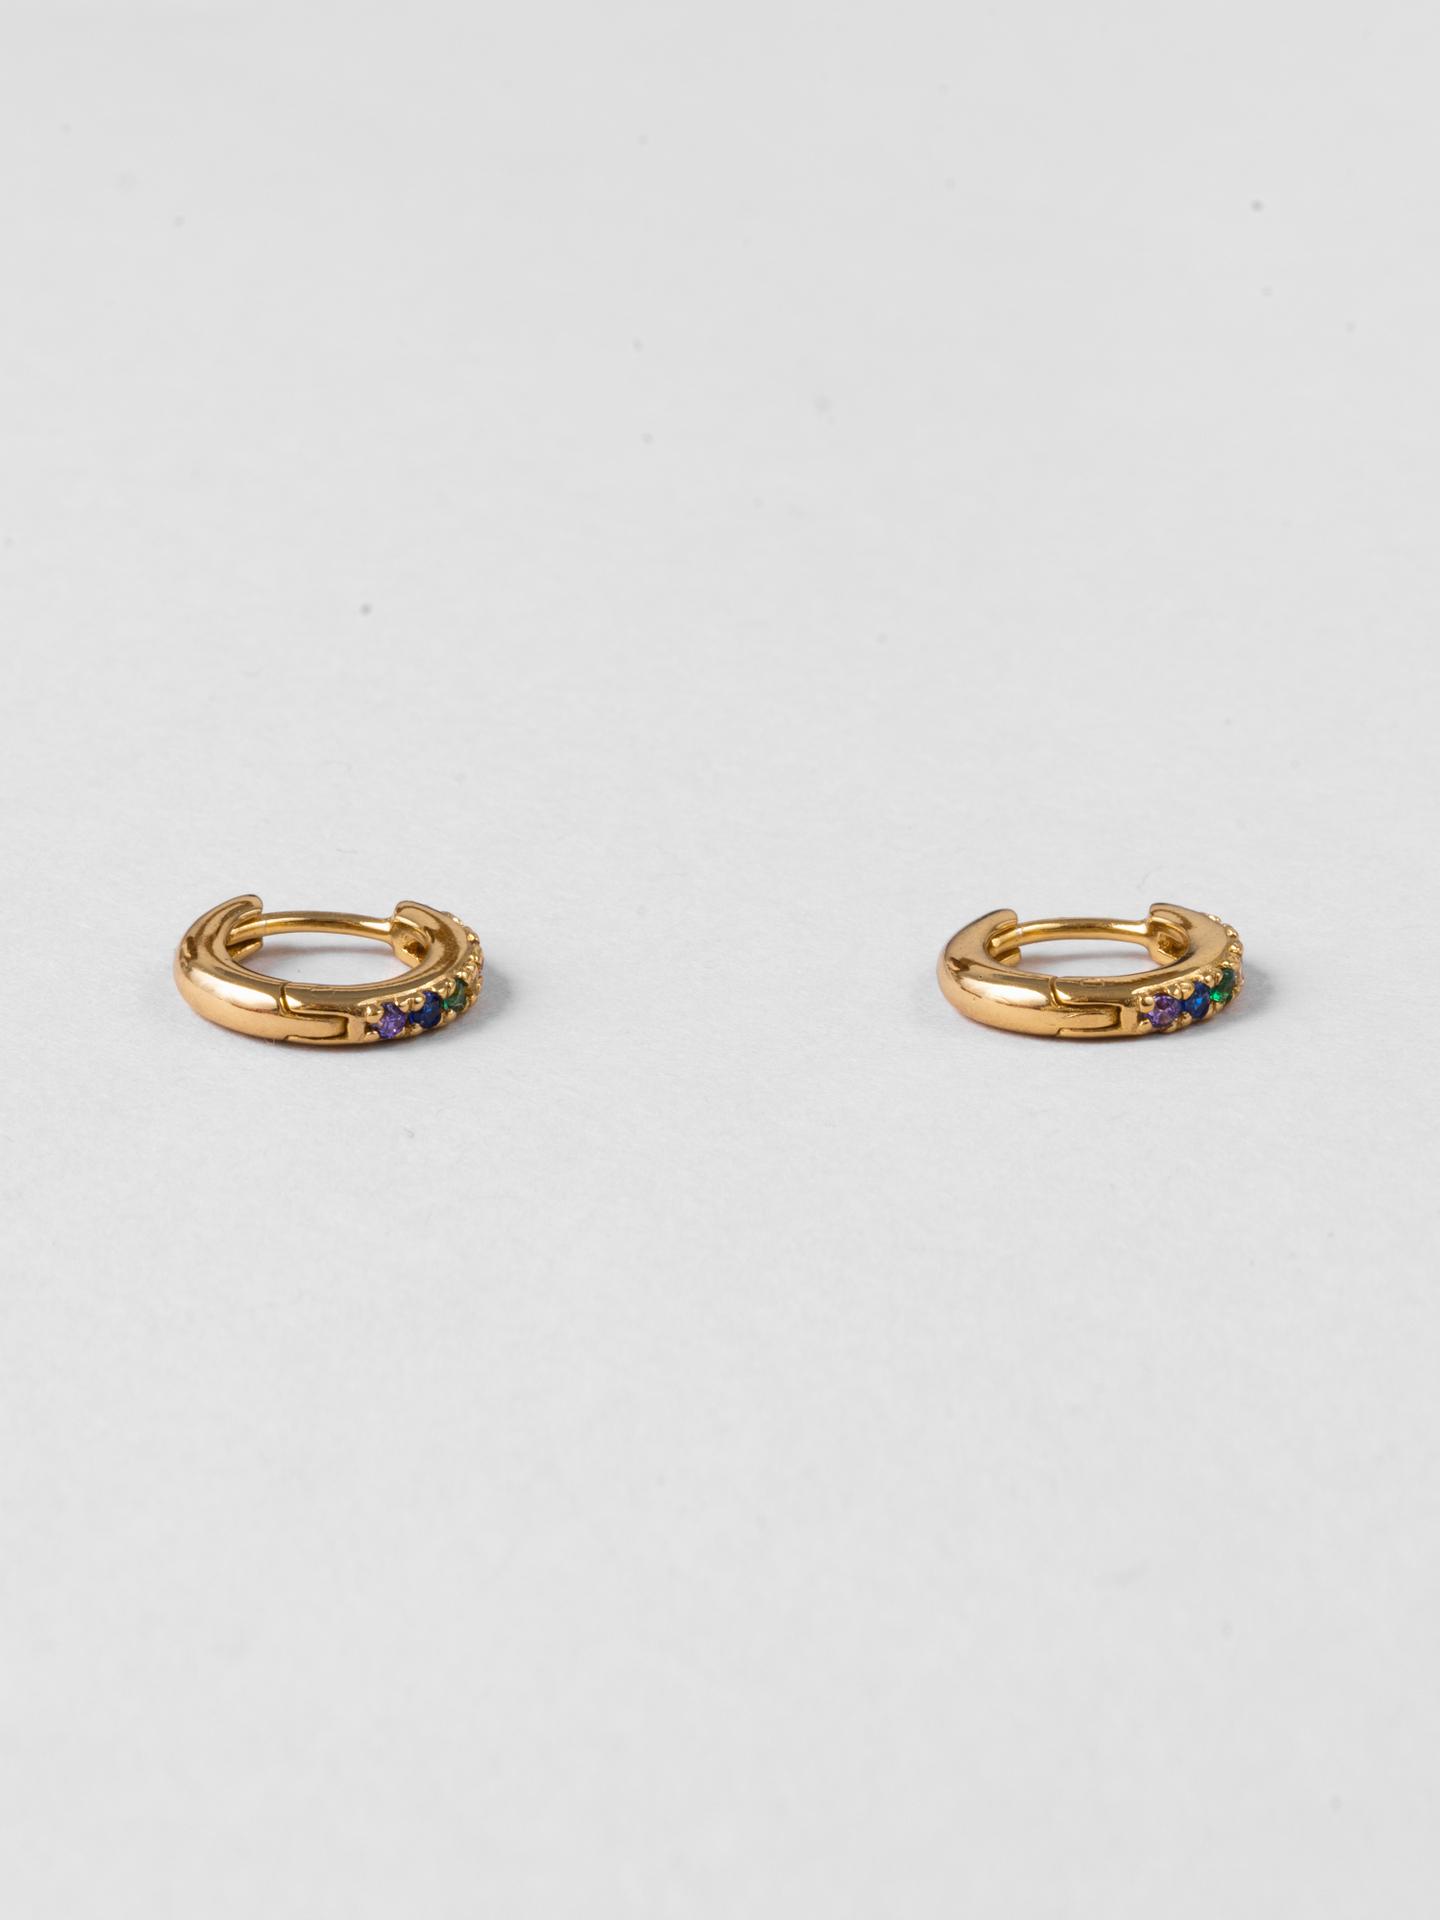 Cizz Earrings